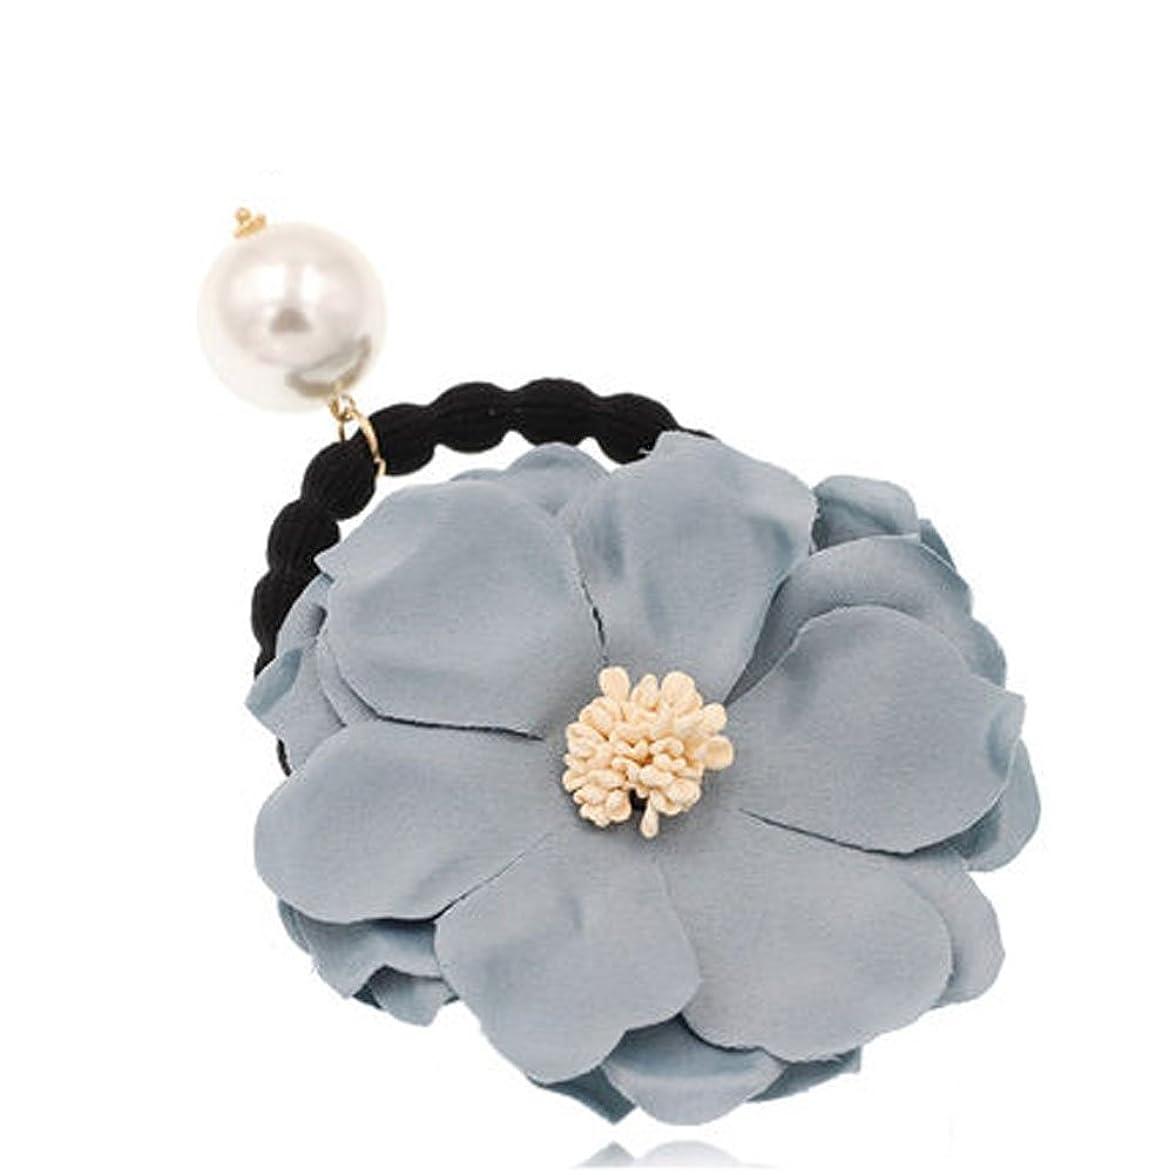 掘る永遠に台風ヘアバンドのヘッドバンドブレードレースヘアアダルトヘアアクセサリー - スカイブルーの花